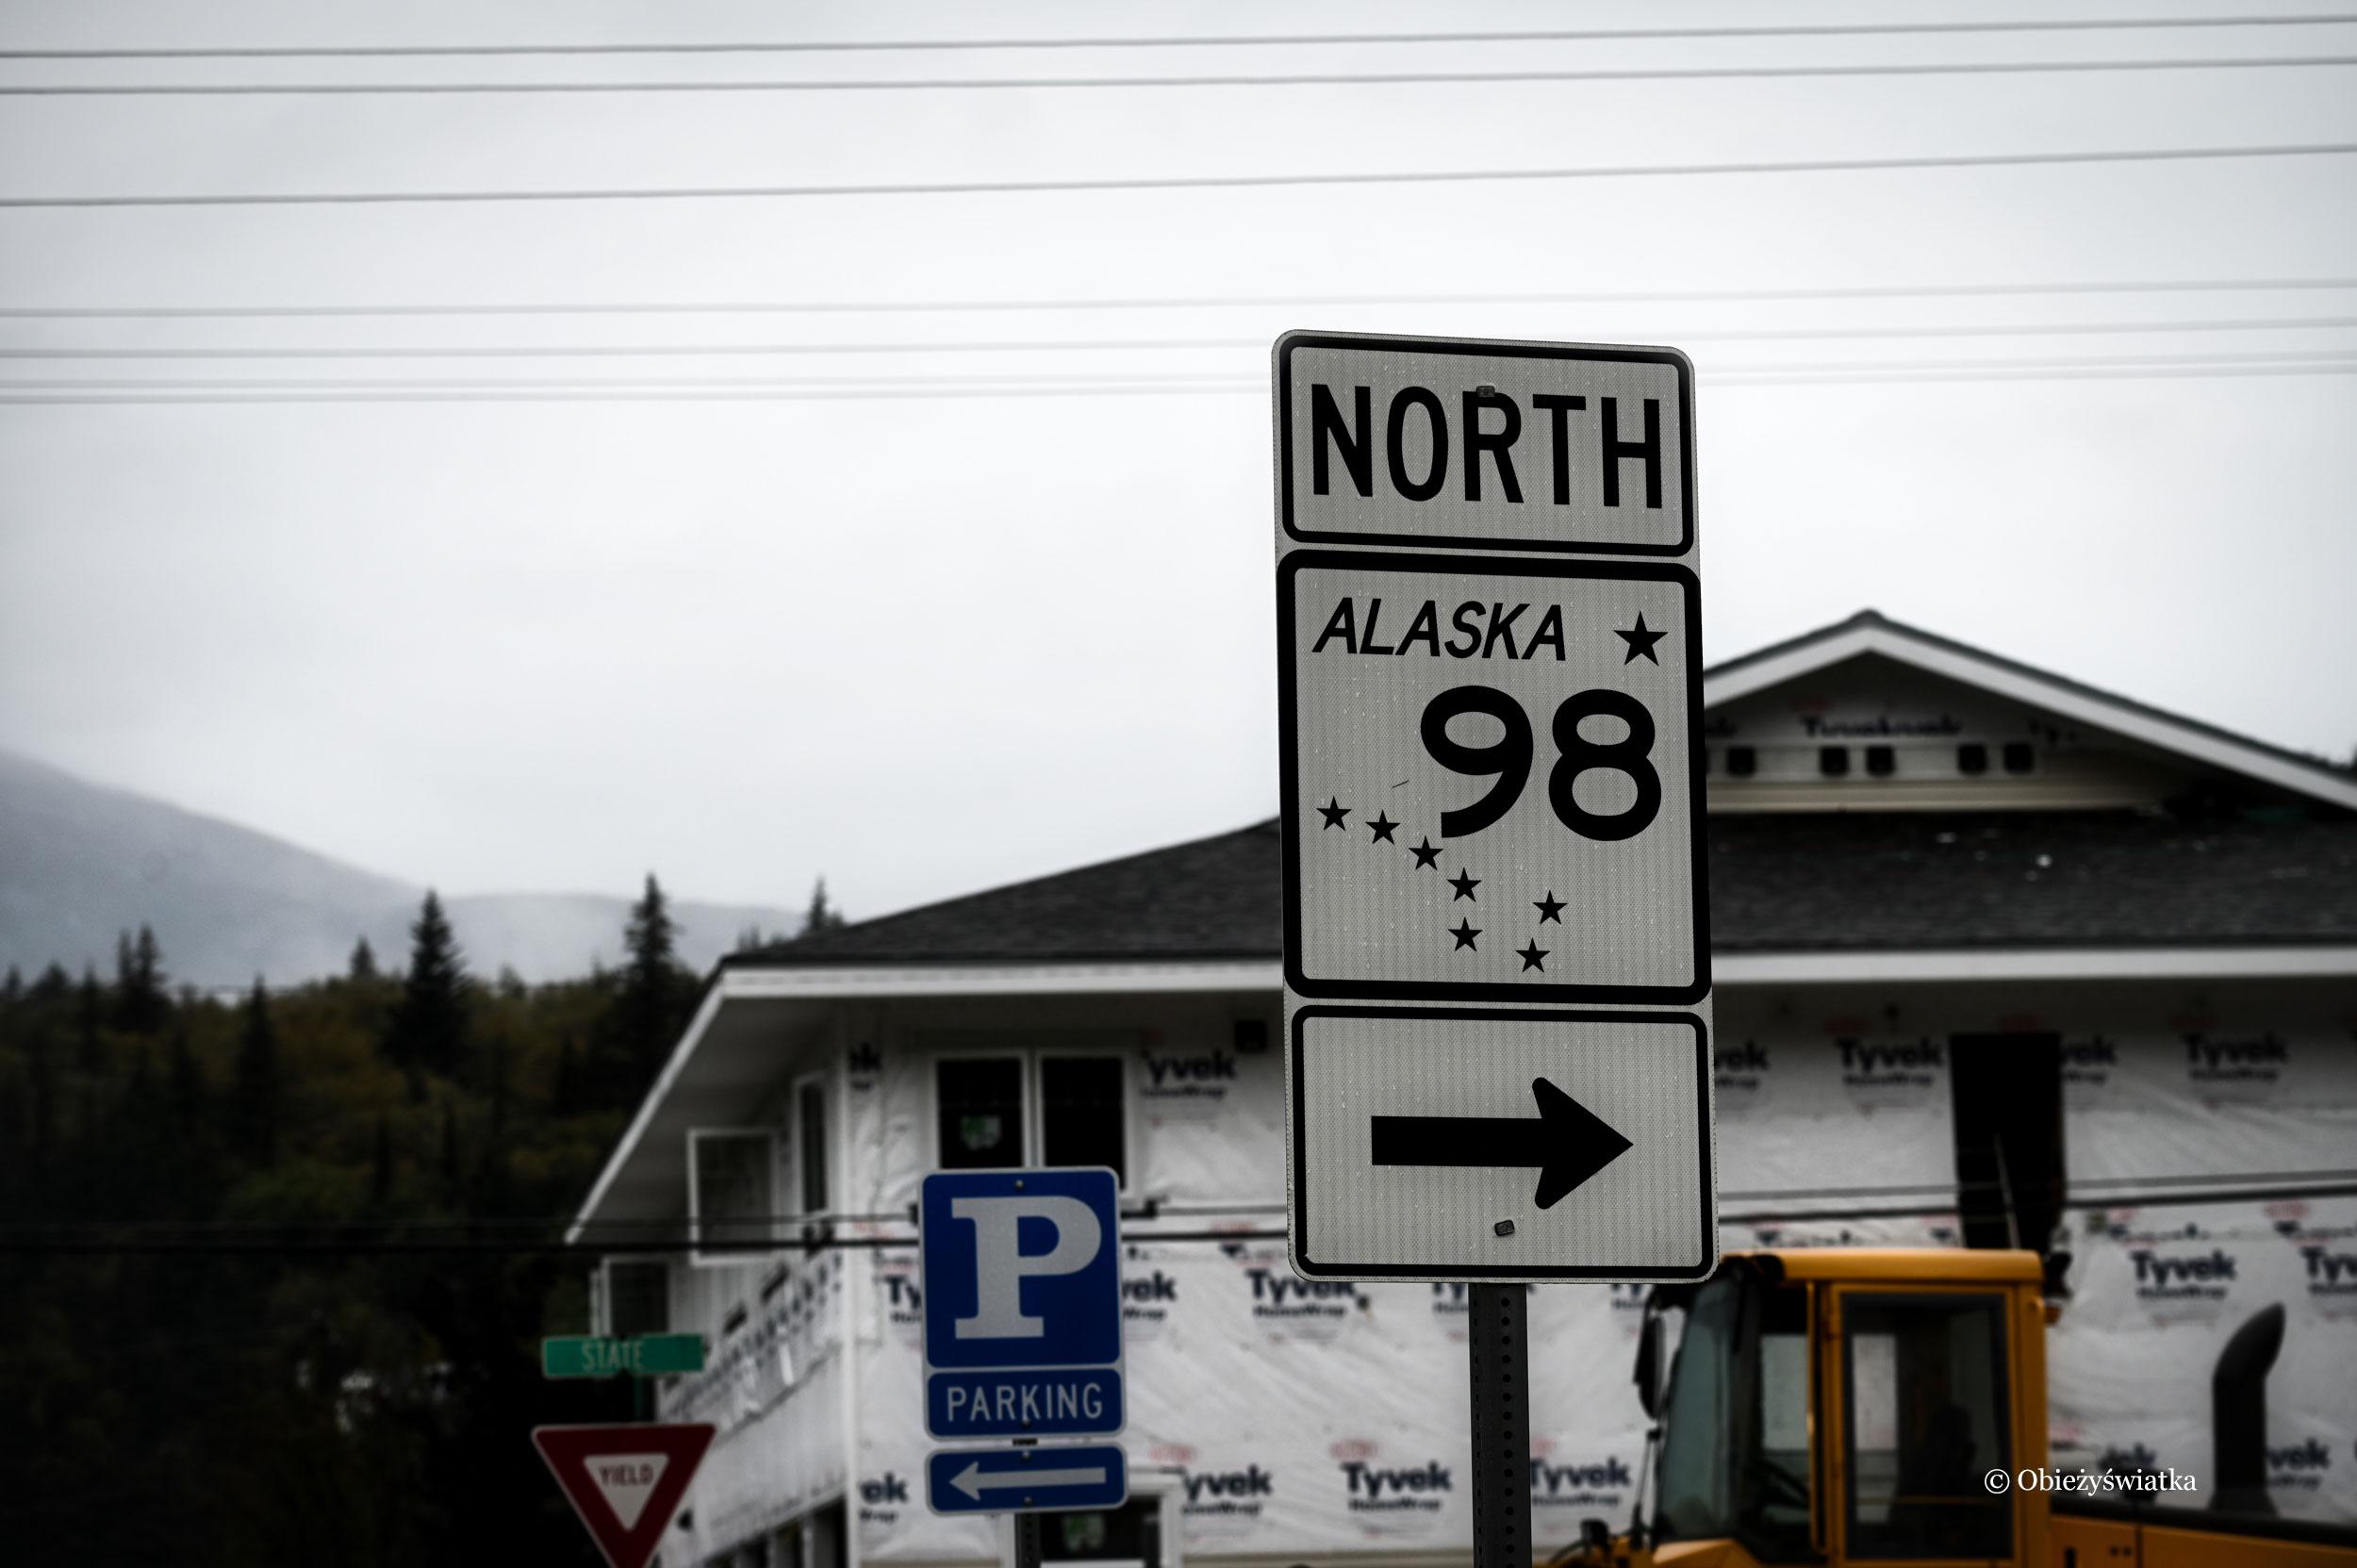 Czyż to nie jest najpiękniejszy znak - Wielki Wóz jako symbol Alaski, Skagway, Alaska